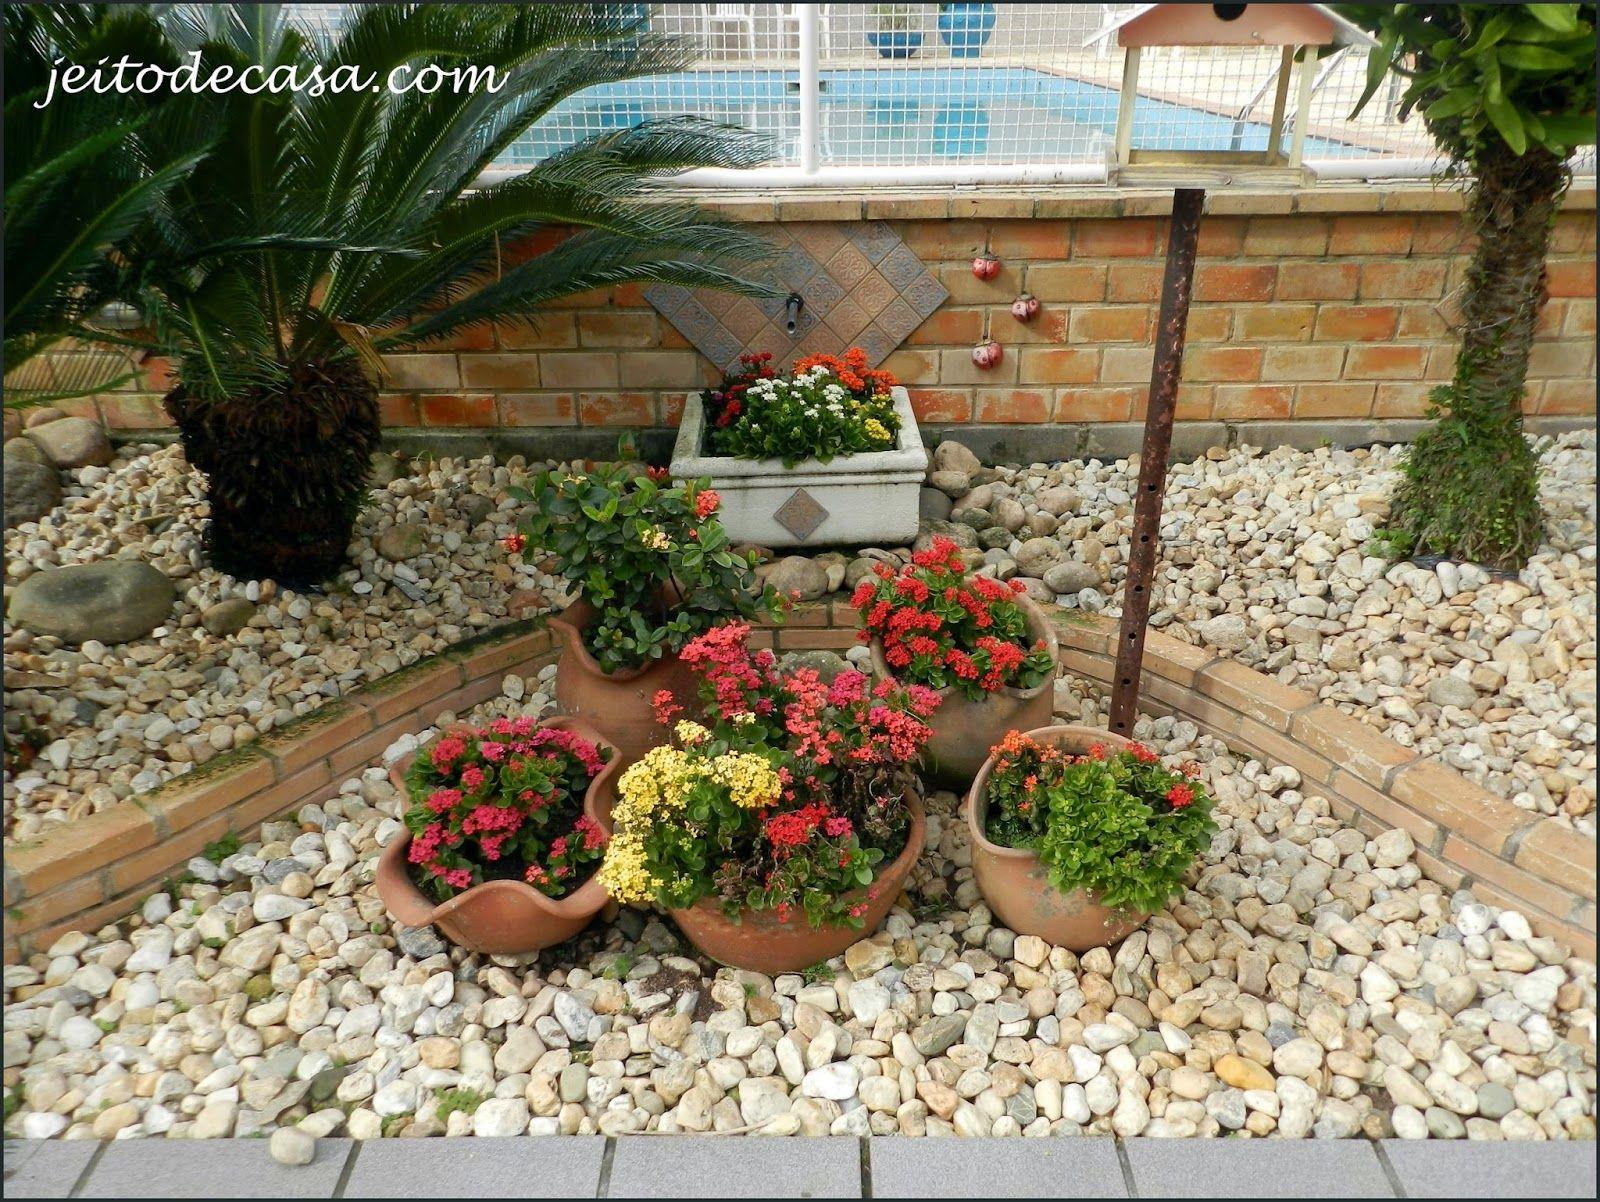 Kalanchoe ou Calandiva? Coisas para comprar Paisagismo jardim, Jardim florido e Decoraç u00e3o jardim -> Decoração De Jardins Com Pedras E Flores